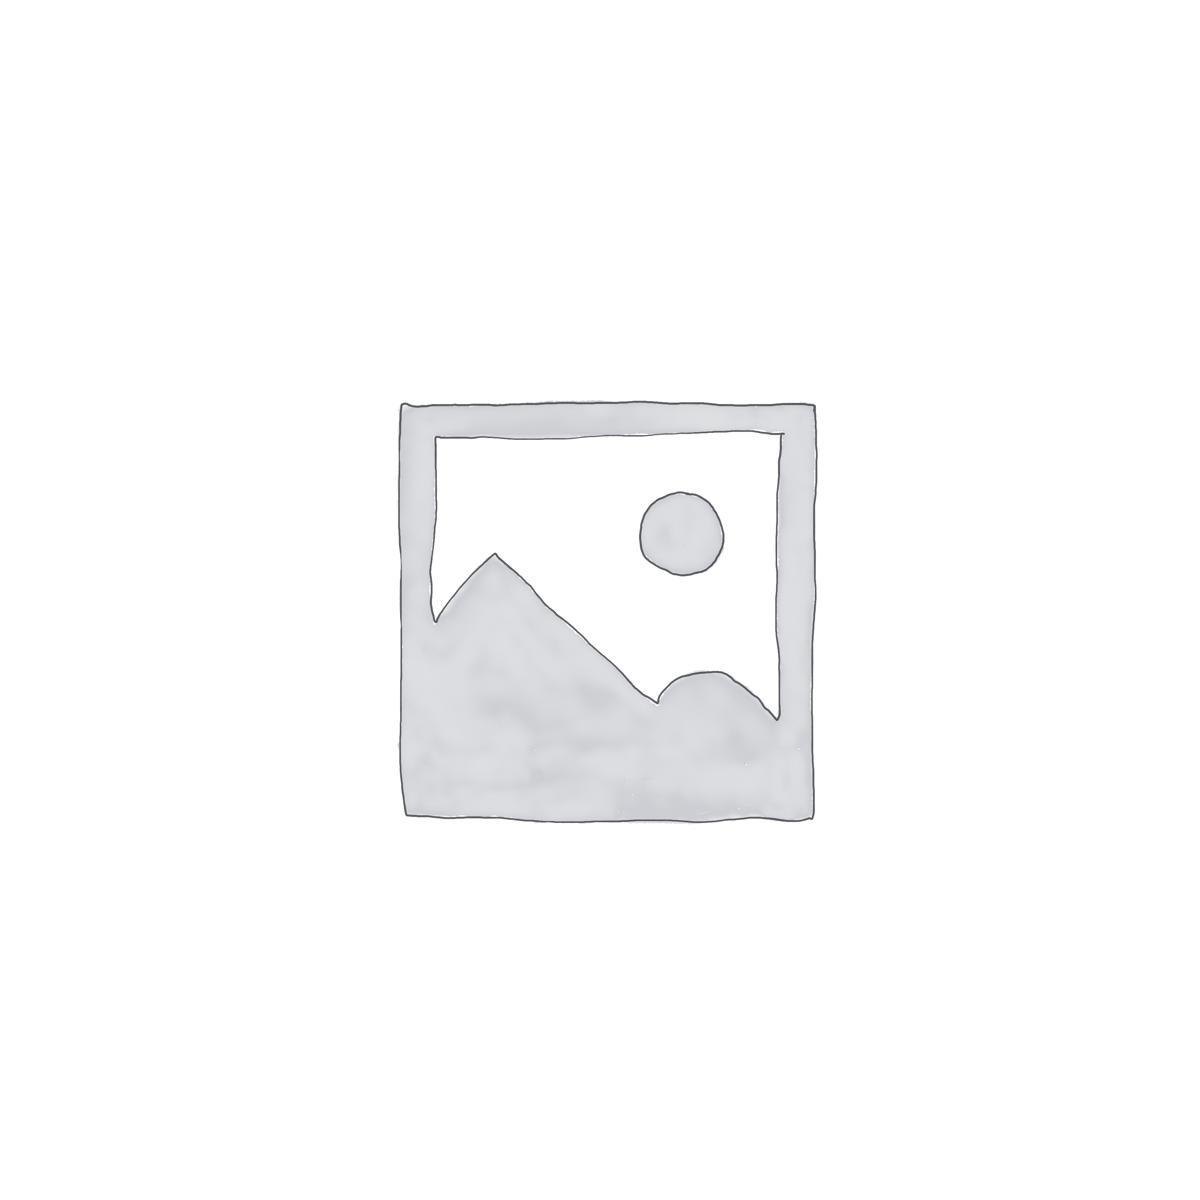 Soc à bec pour charrue FROST (Original) adaptable – 50589